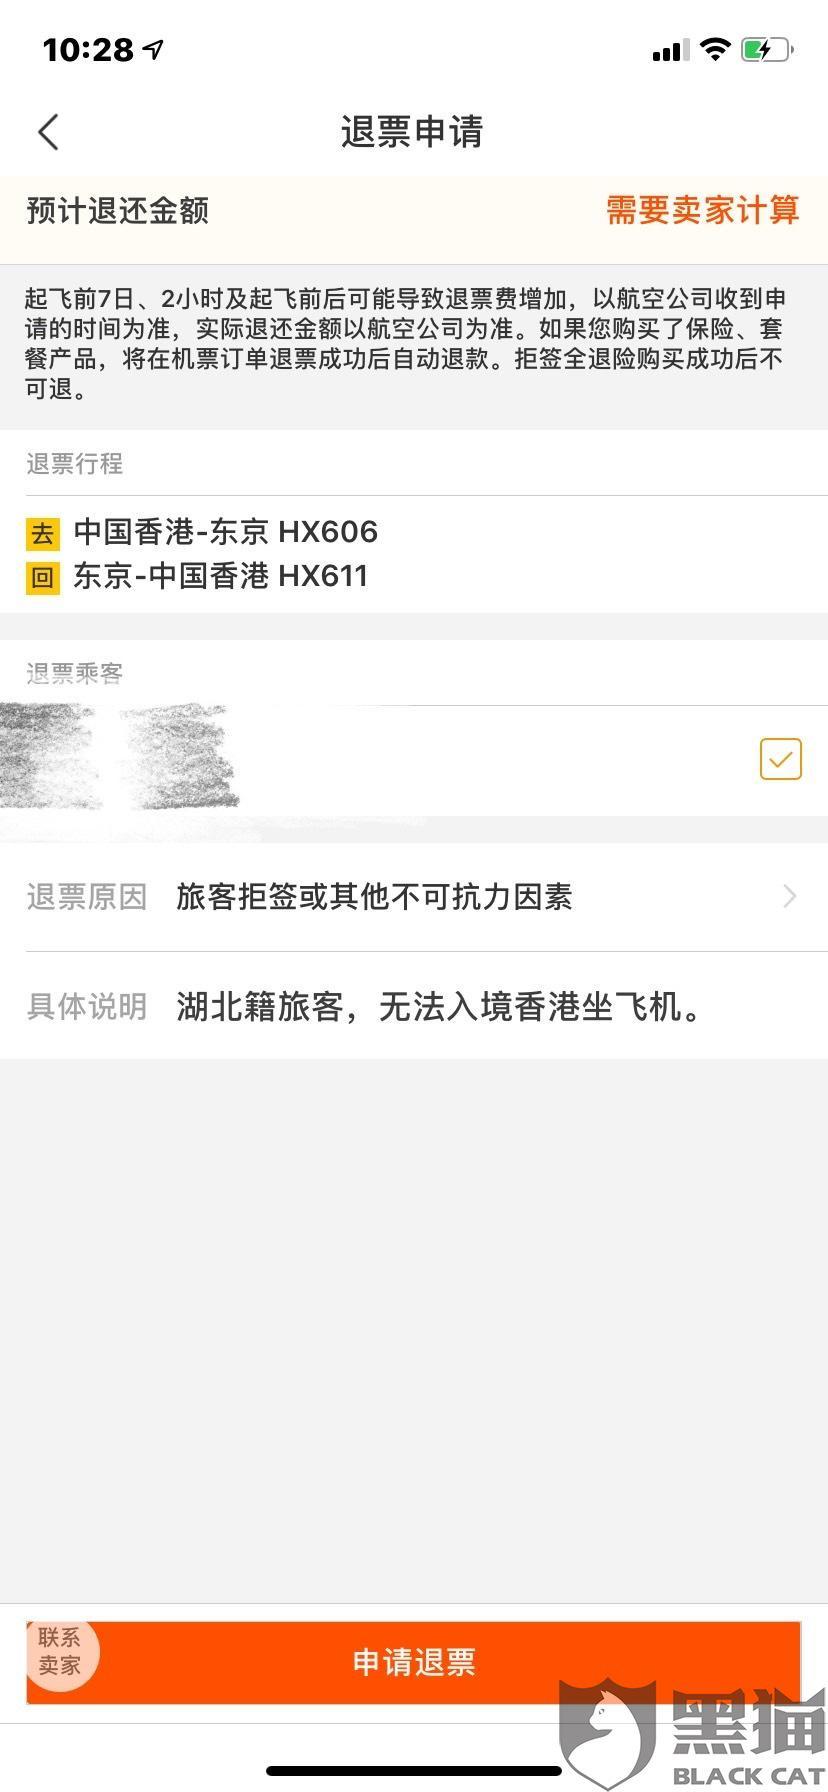 黑猫投诉:湖北籍居民在深圳工作1月7日购买了香港2月8日飞东京的机票,香港现在限制湖北人入